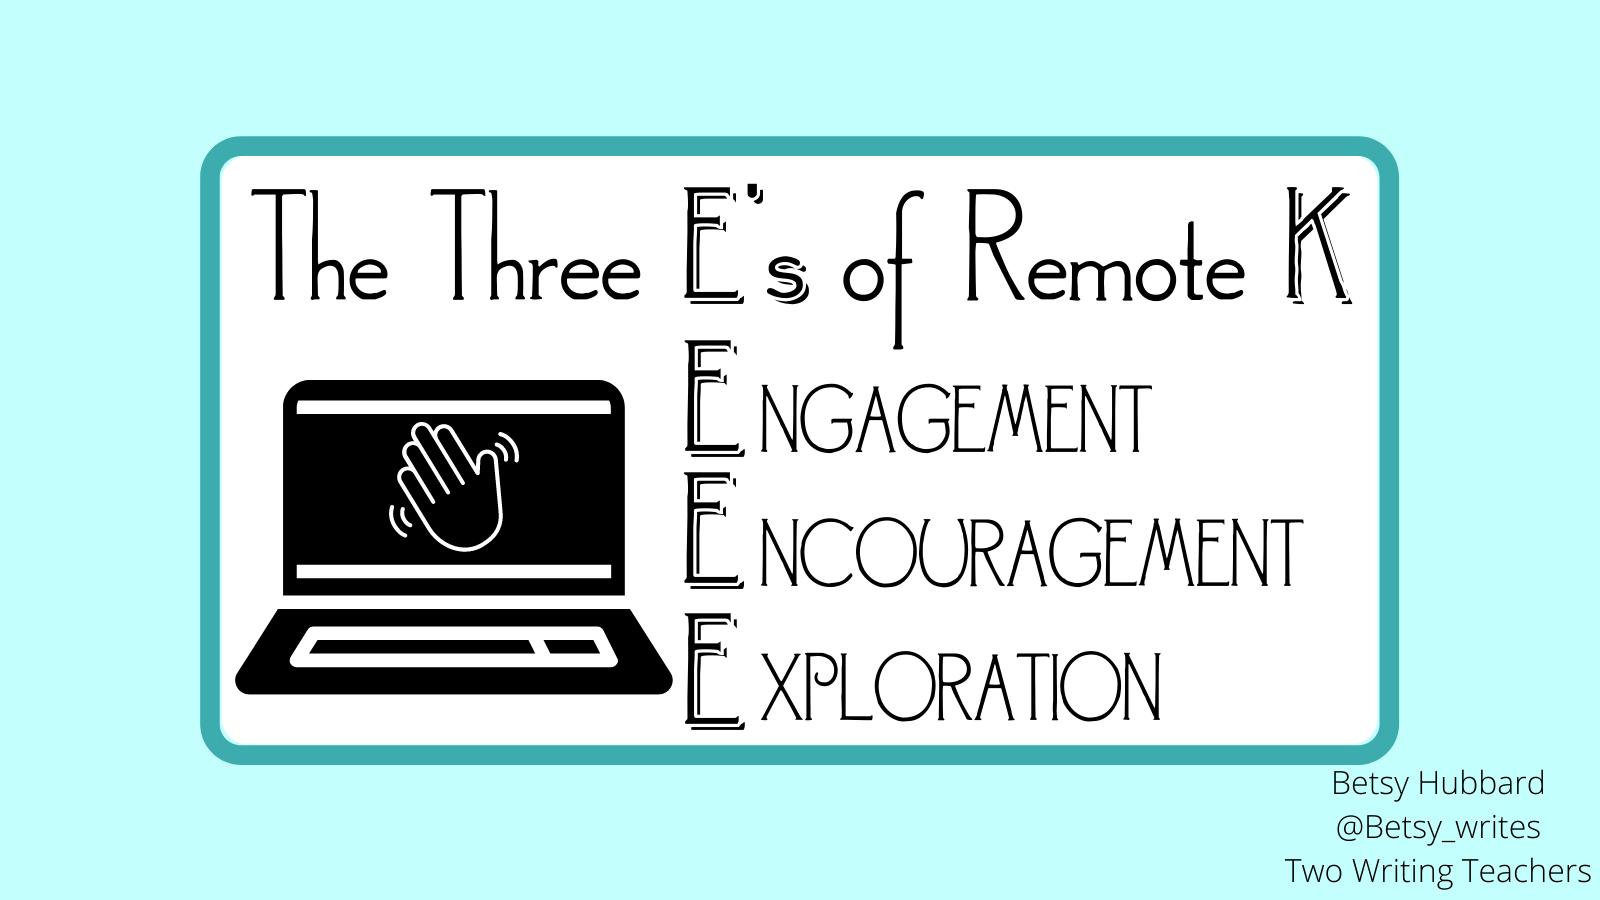 The Three E's of Remote K